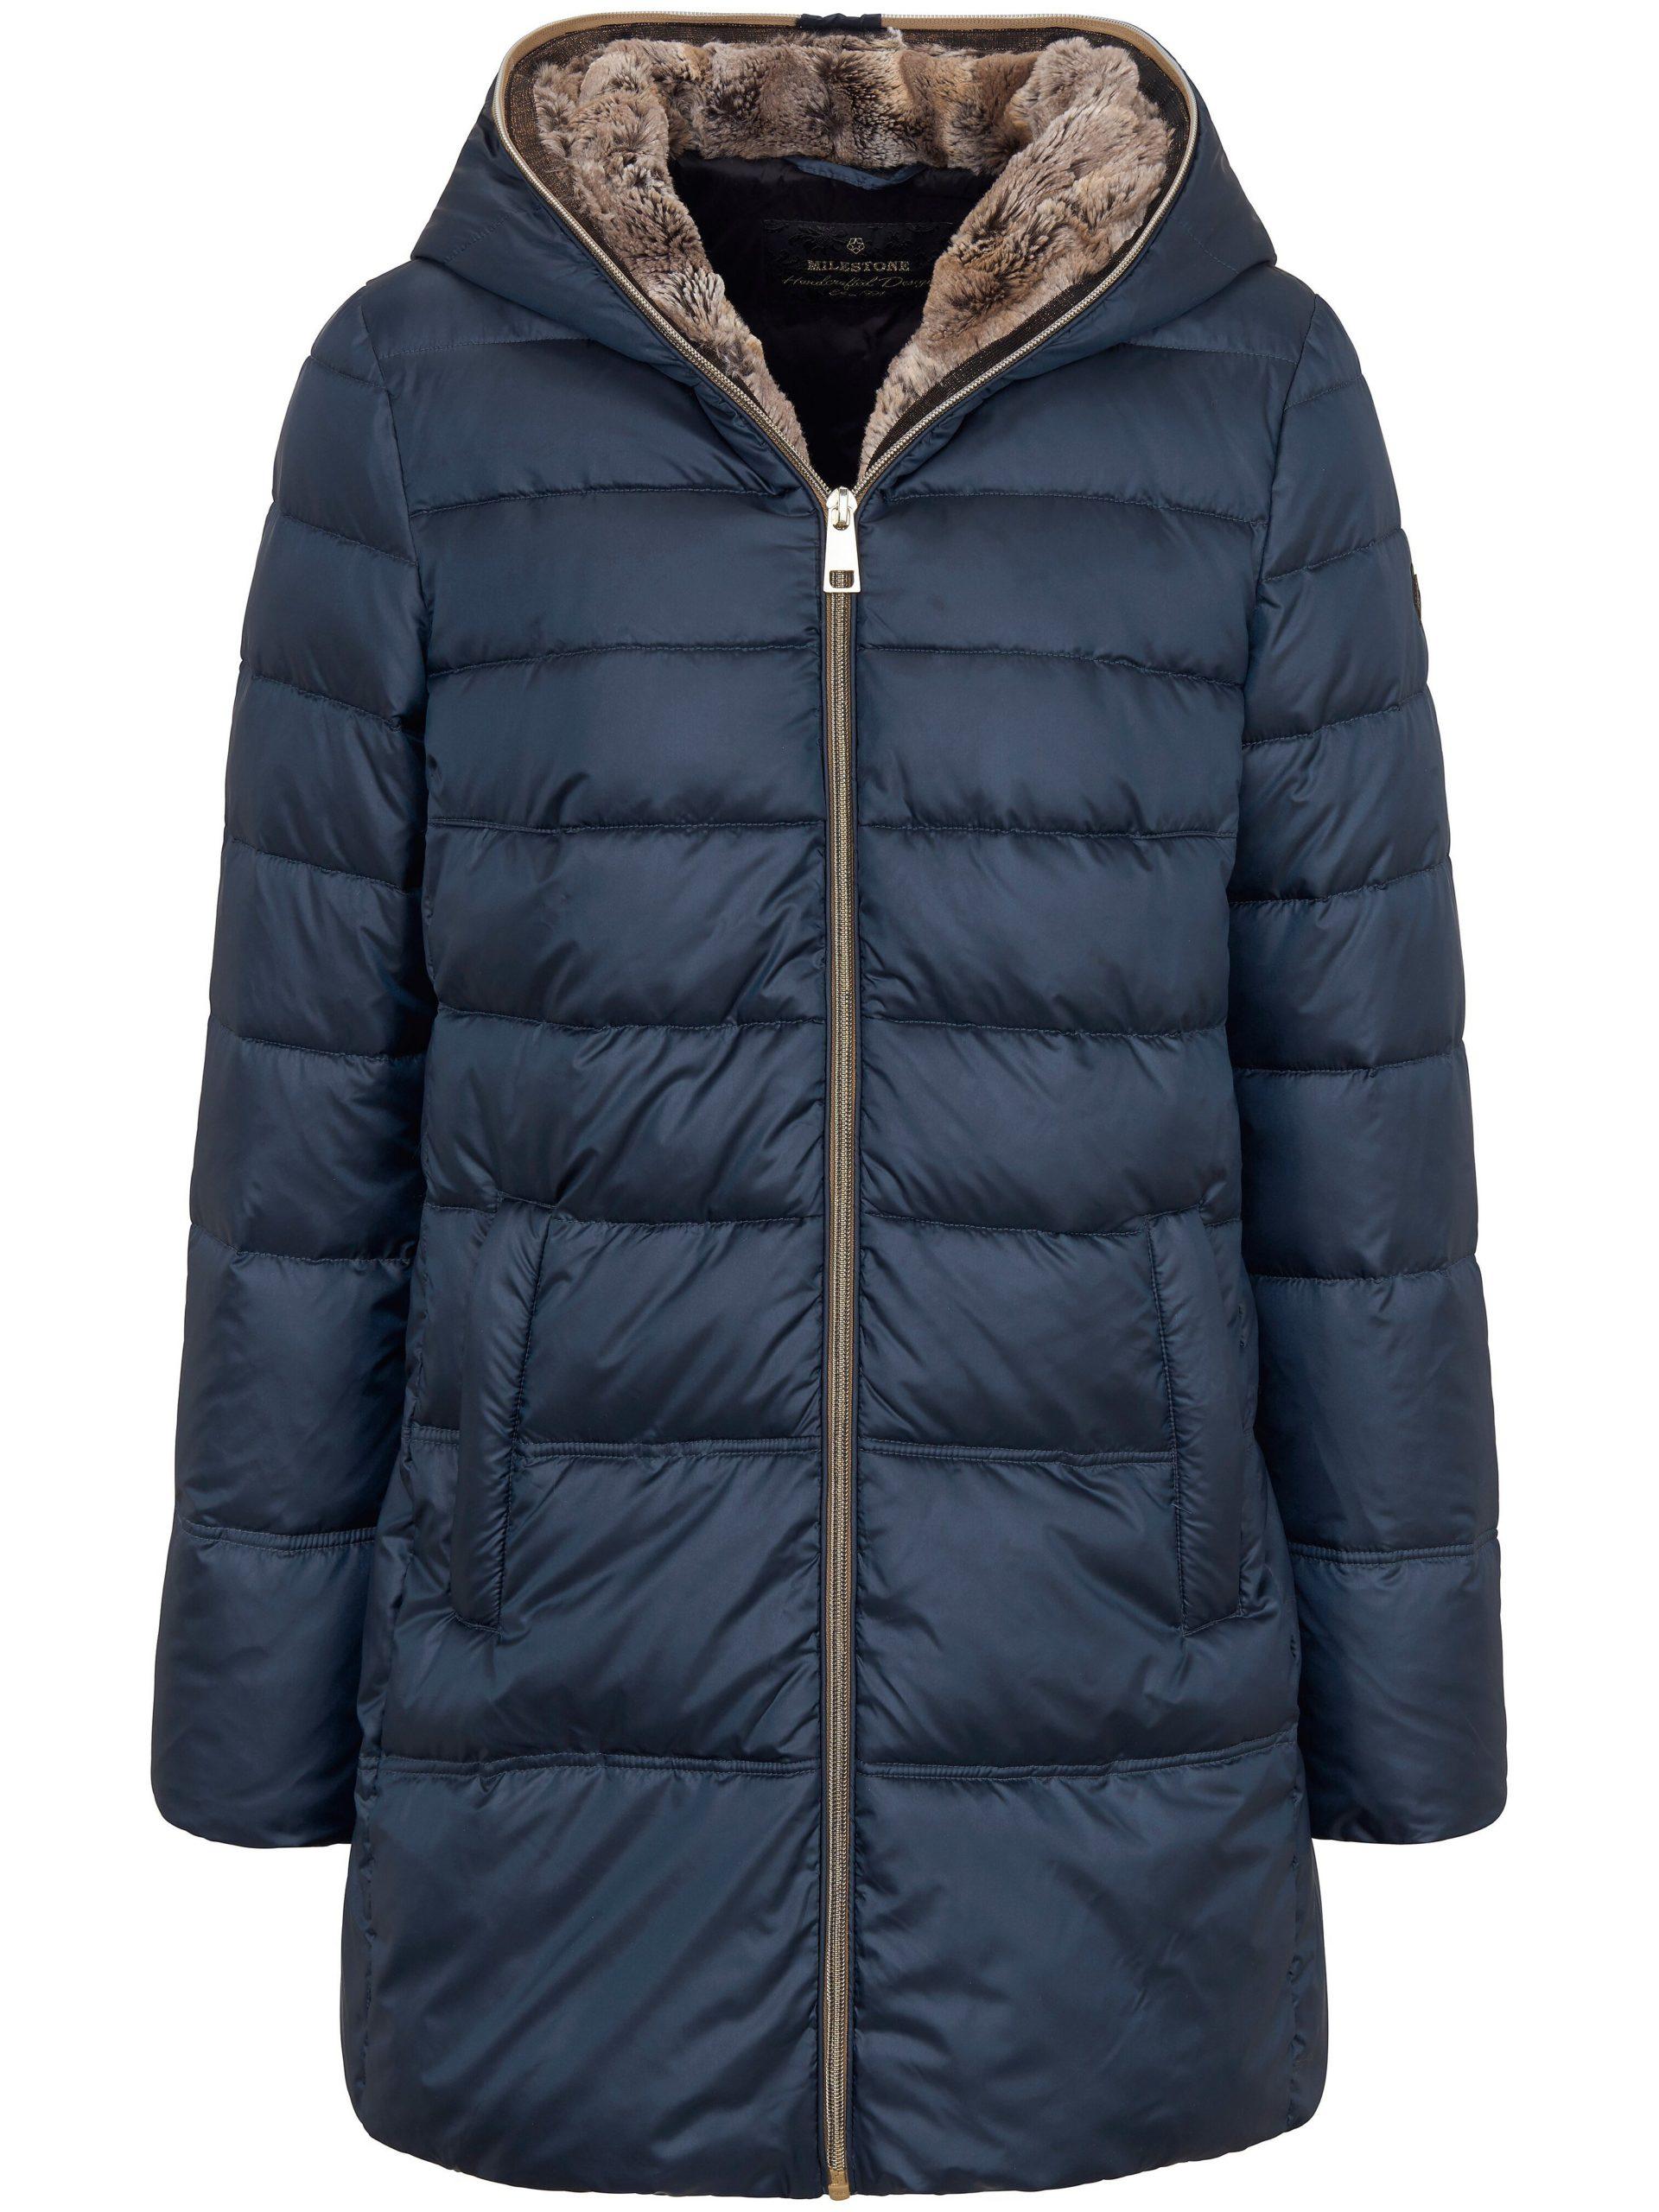 Gewatteerde jas Van Milestone blauw Kopen